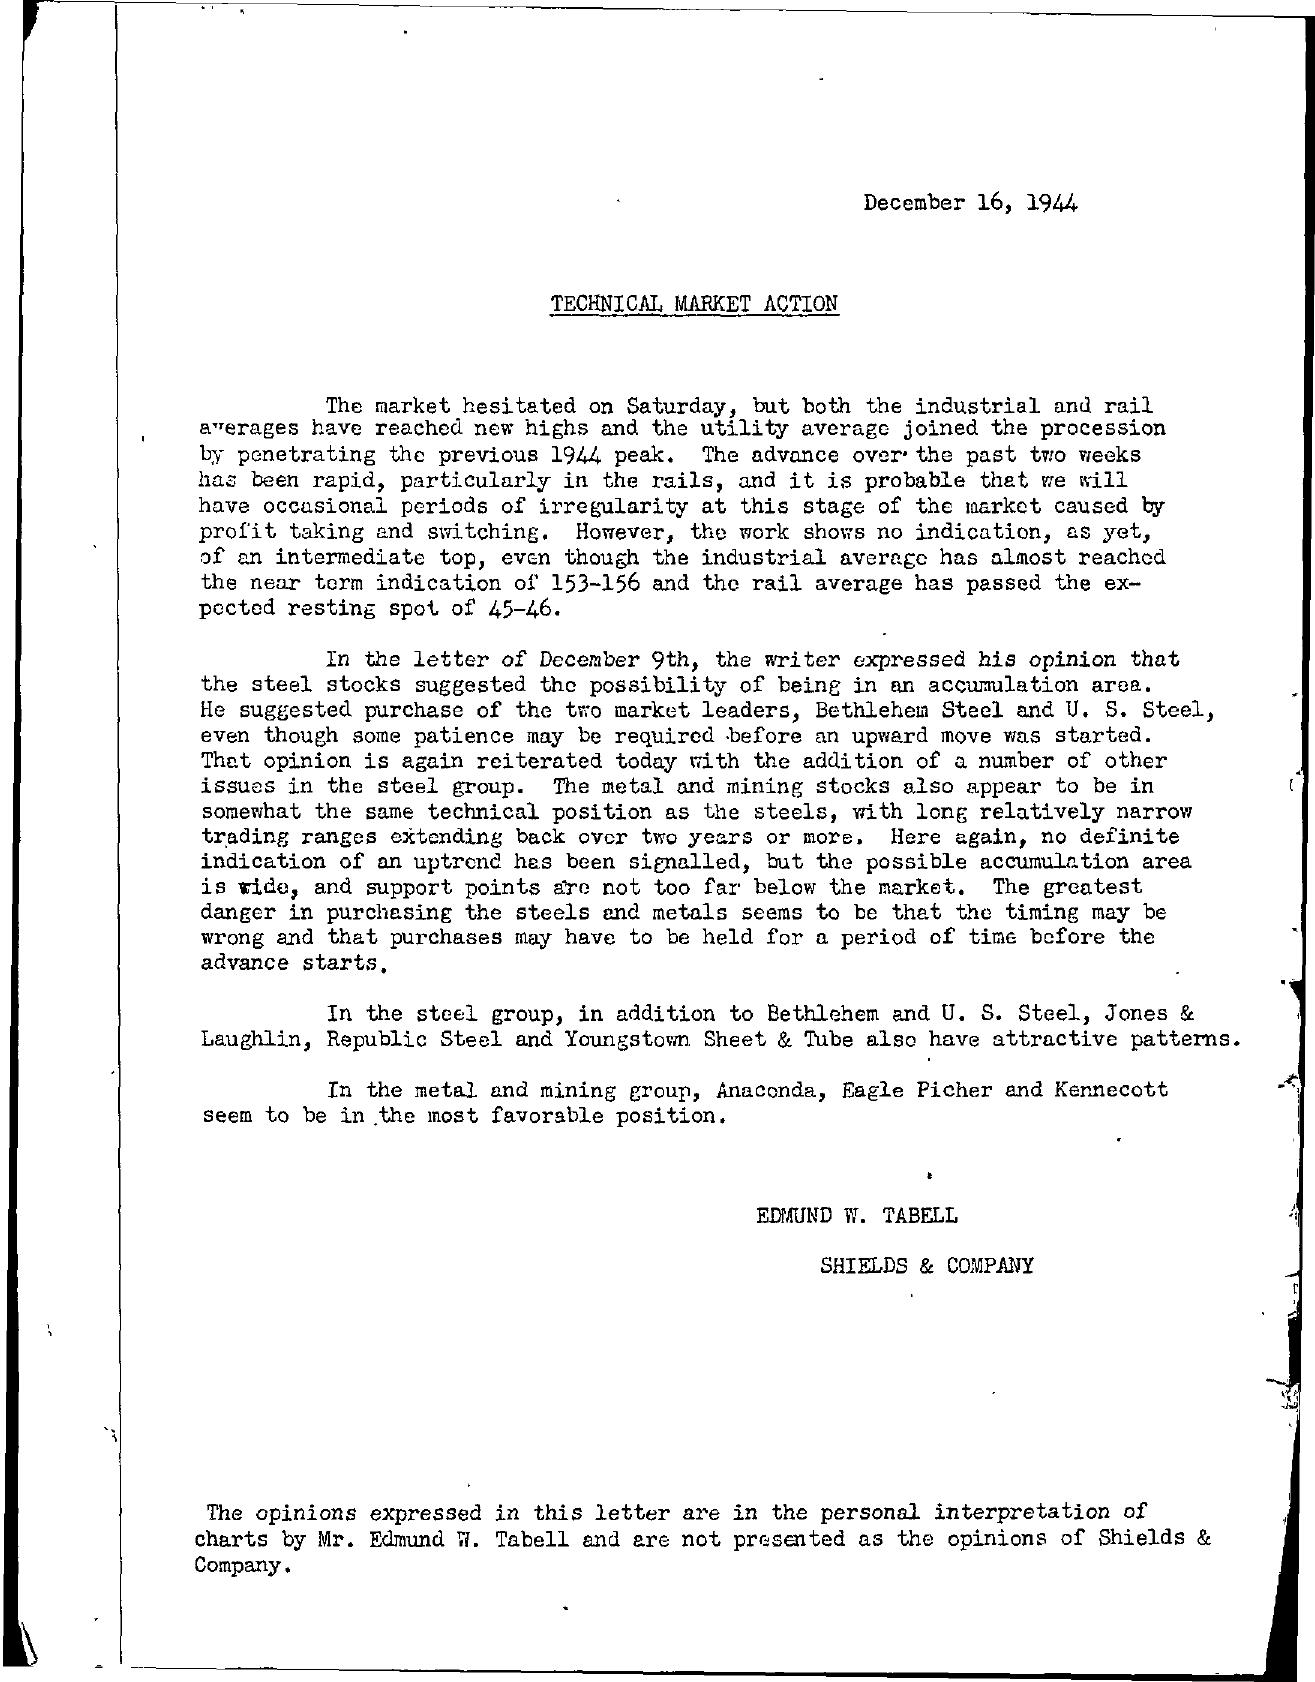 Tabell's Market Letter - December 16, 1944